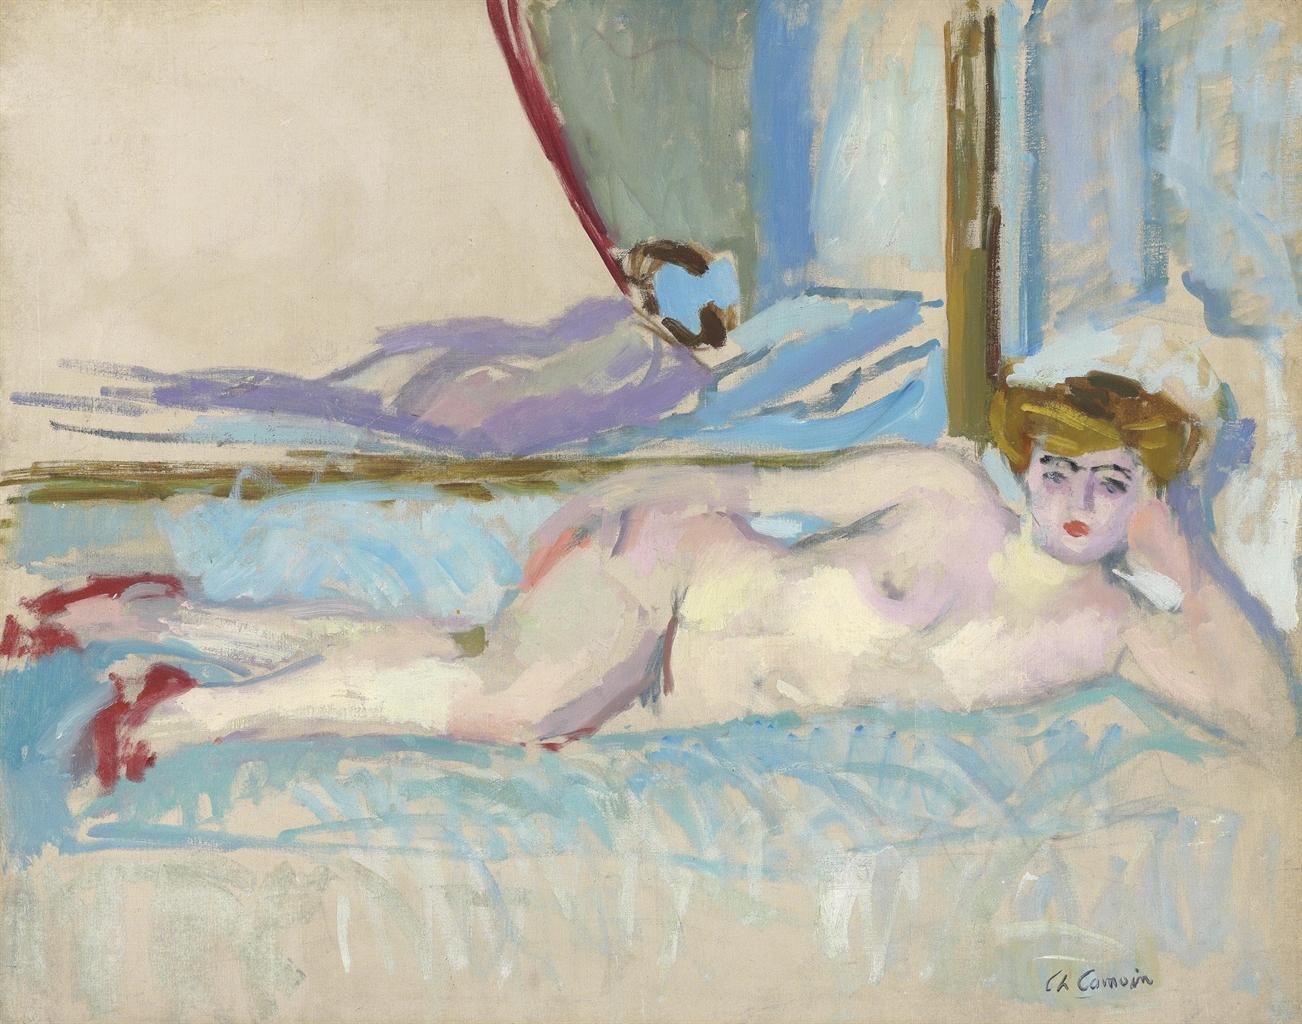 Charles Camoin-La blonde au miroir II (Pantoufles rouges)-1904